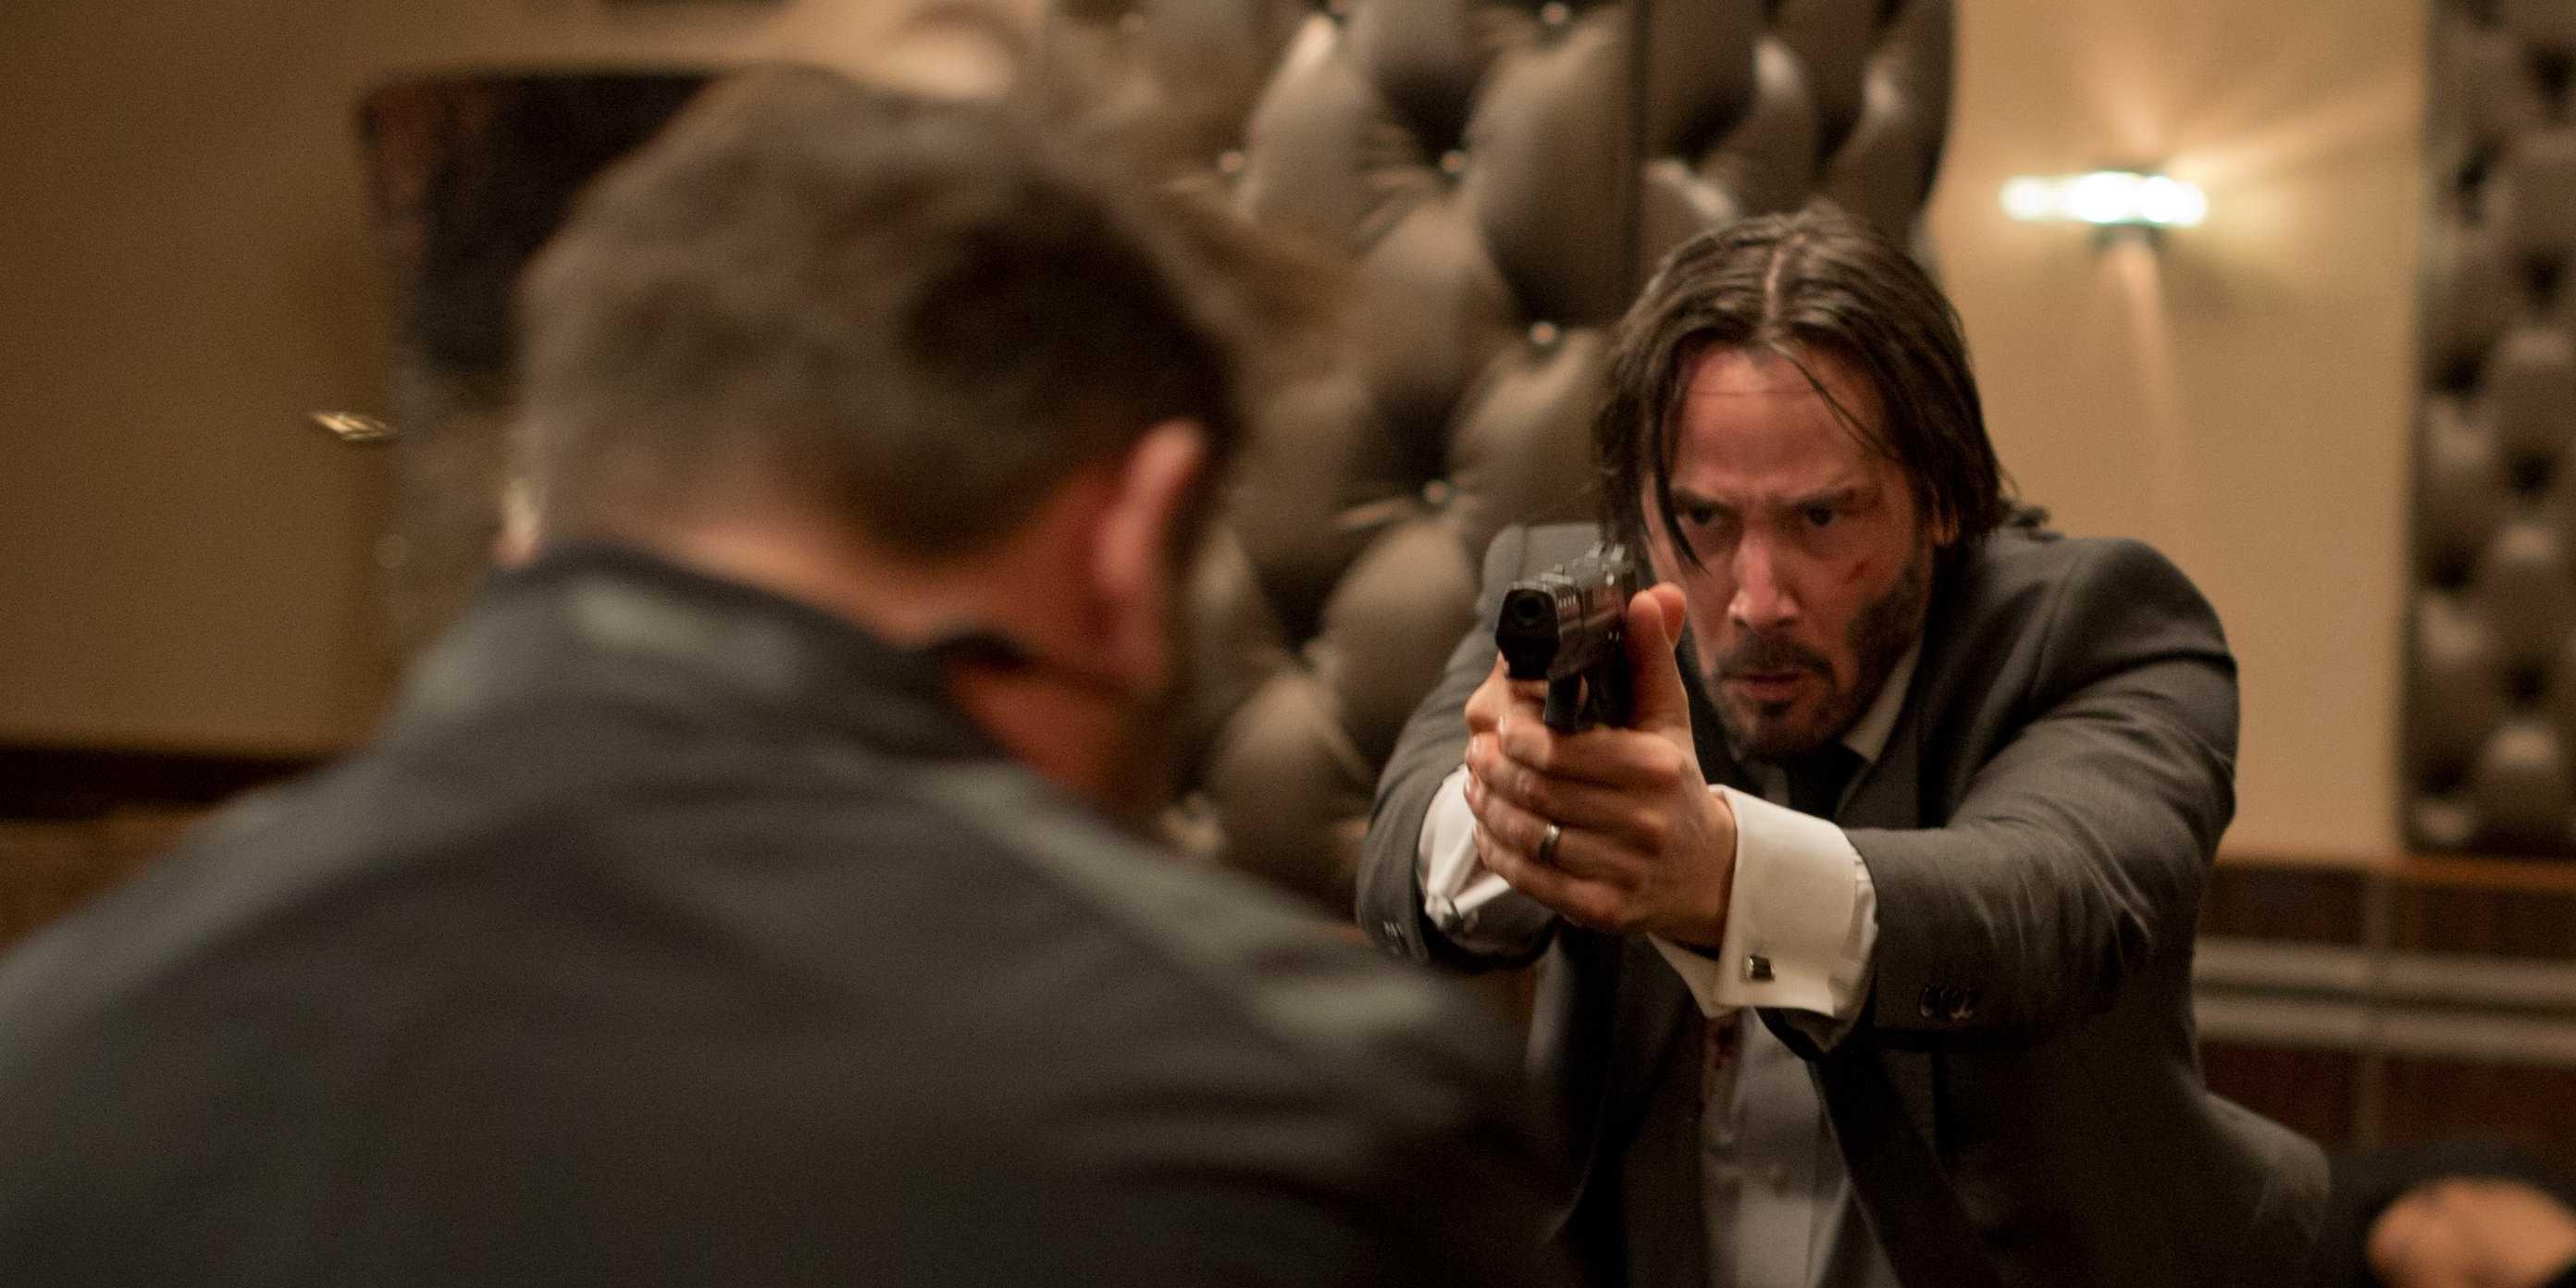 john-wick-is-keanu-reeves-best-movie-since-the-matrix.jpg